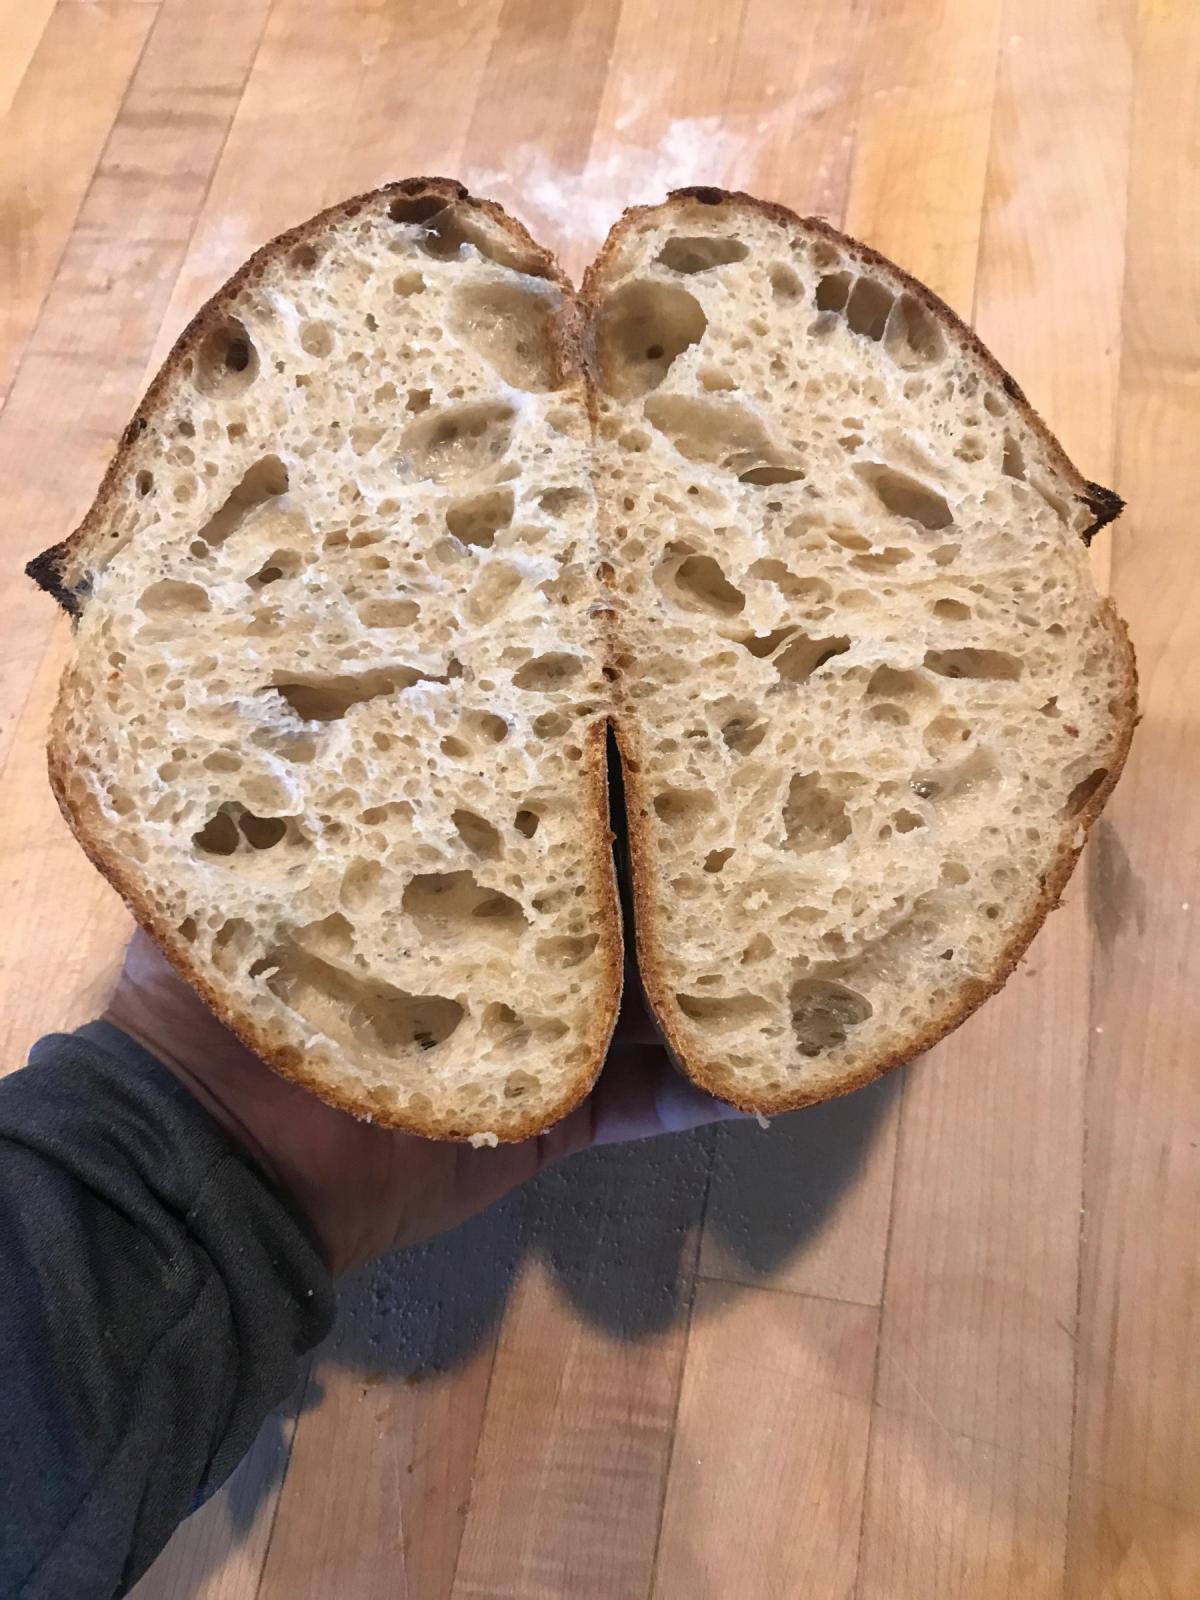 2nd loaf